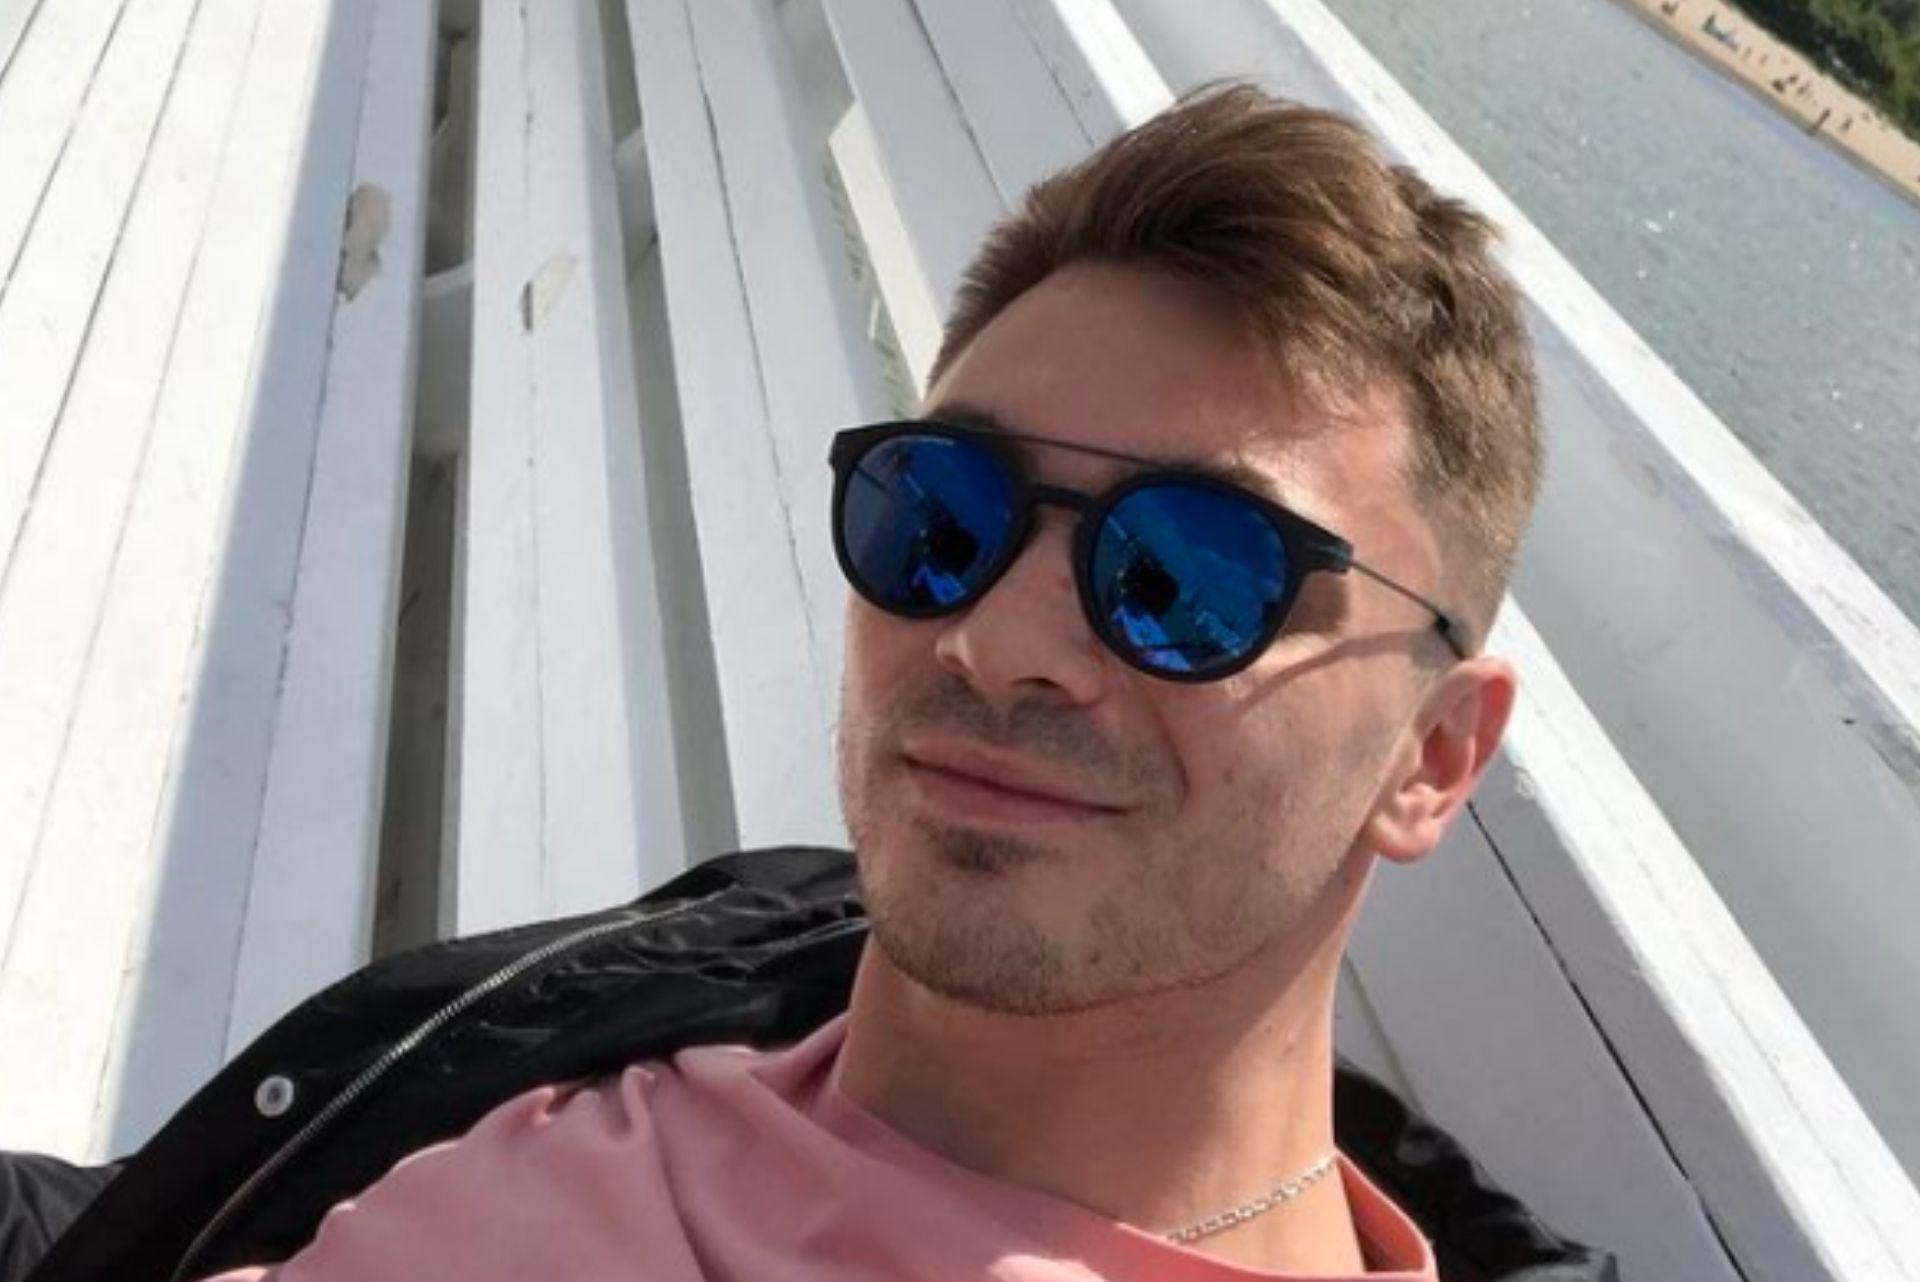 D Martyniuk IG